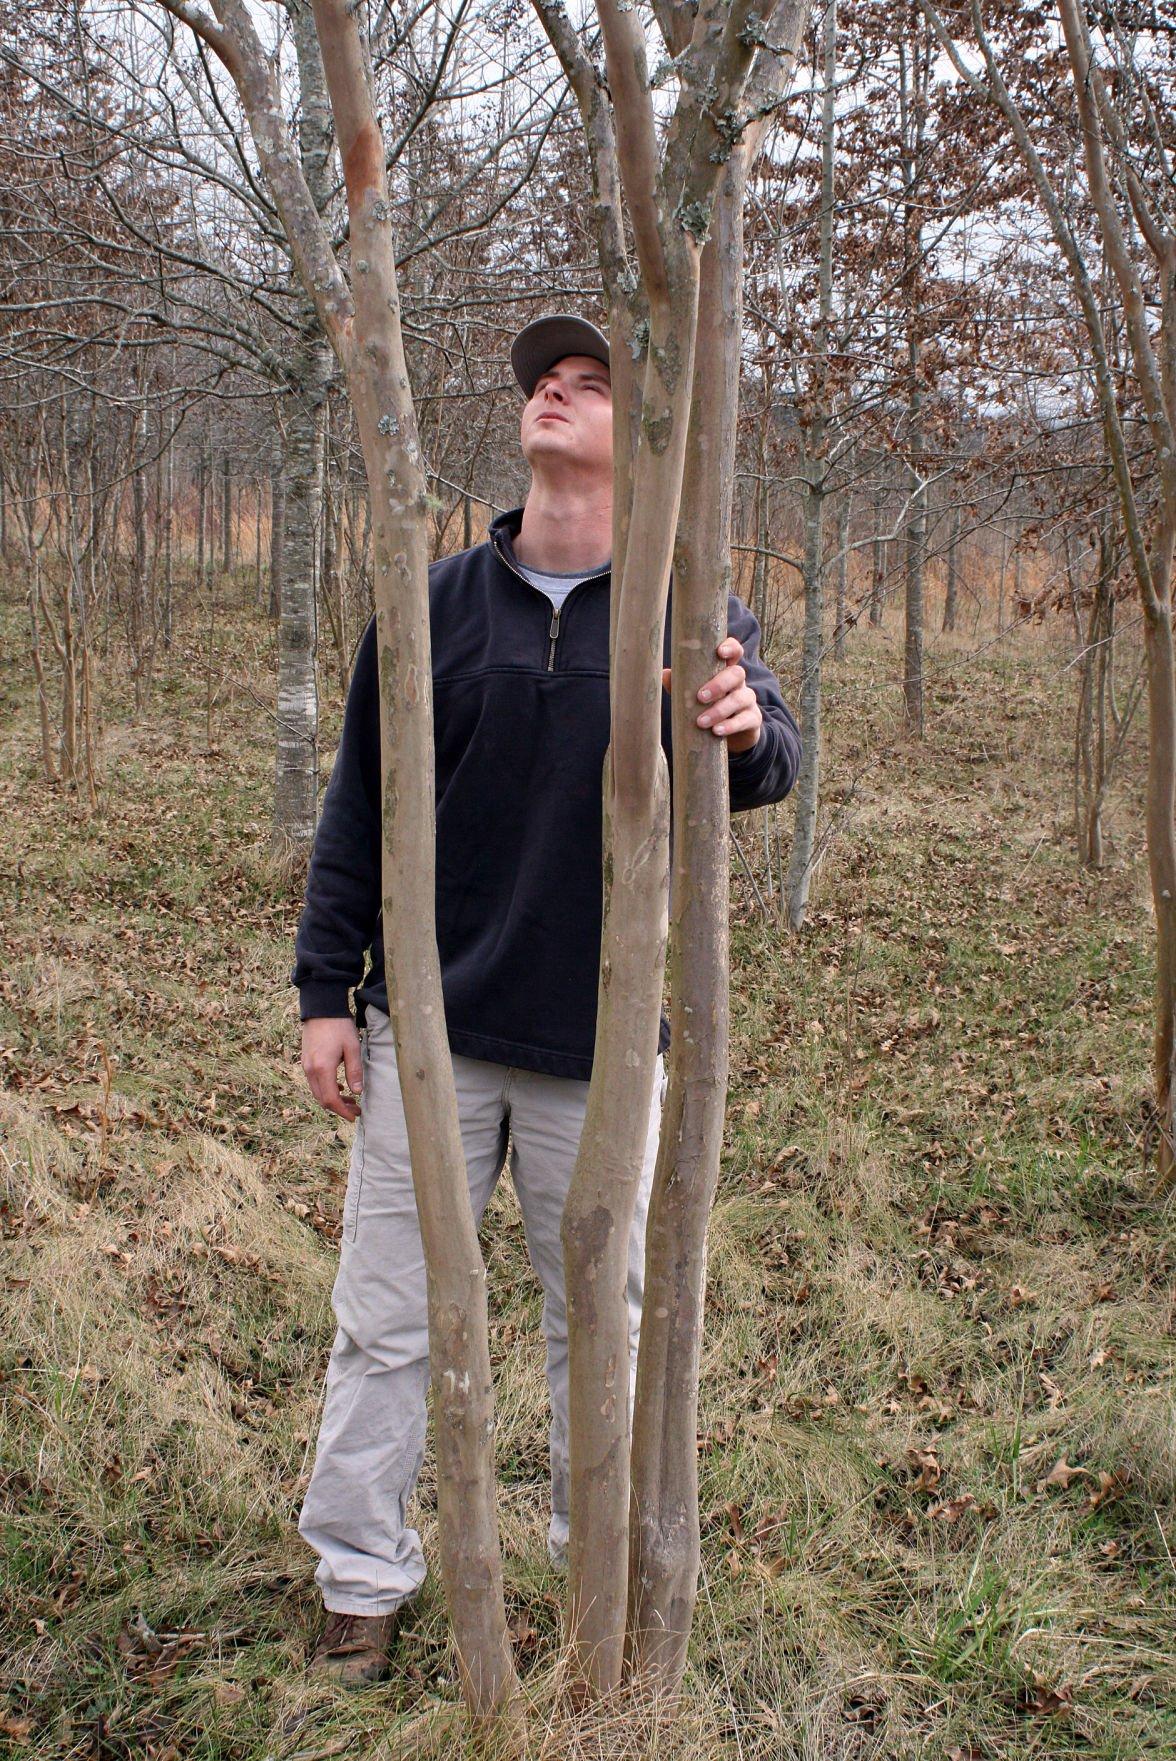 Tree farm Feb. 25, 2018